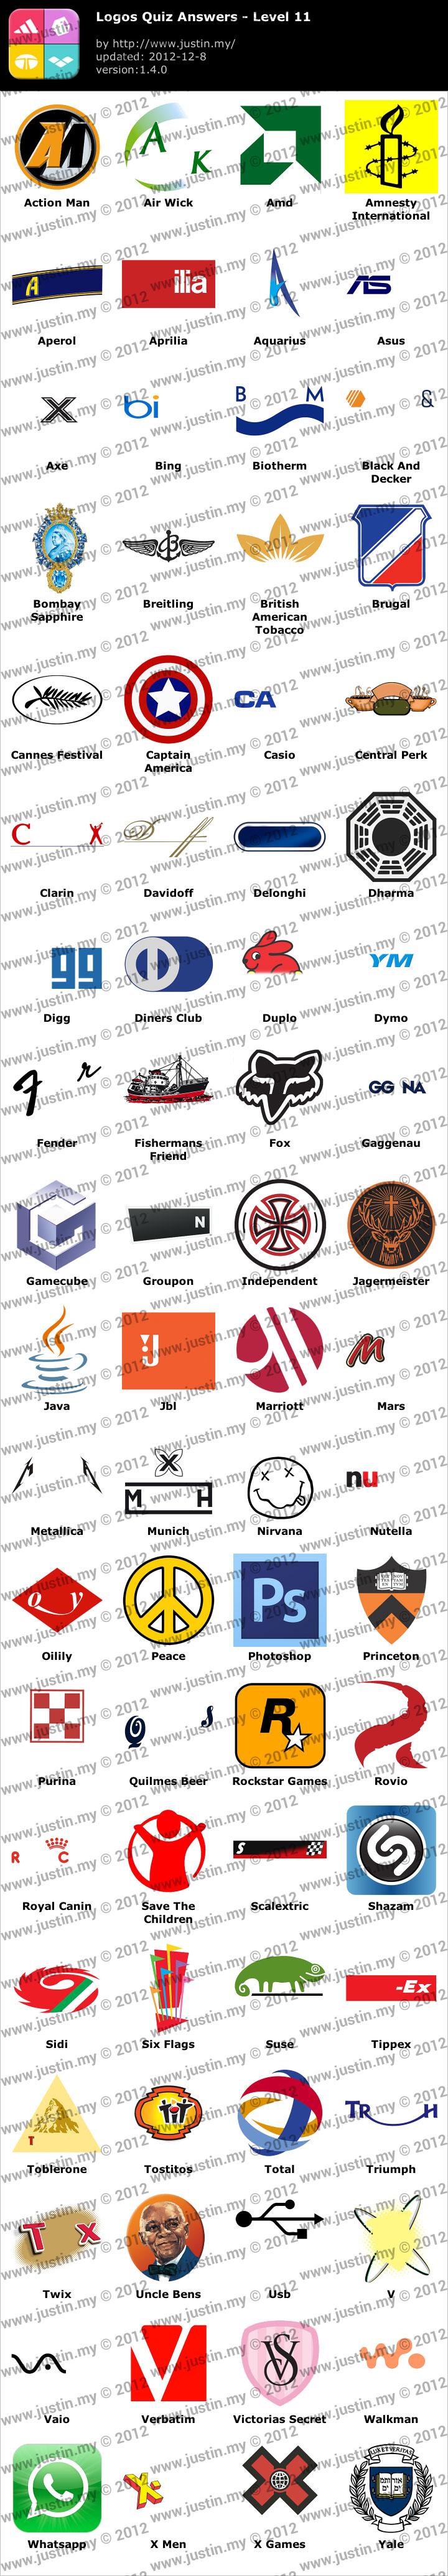 Logos Quiz Level 11